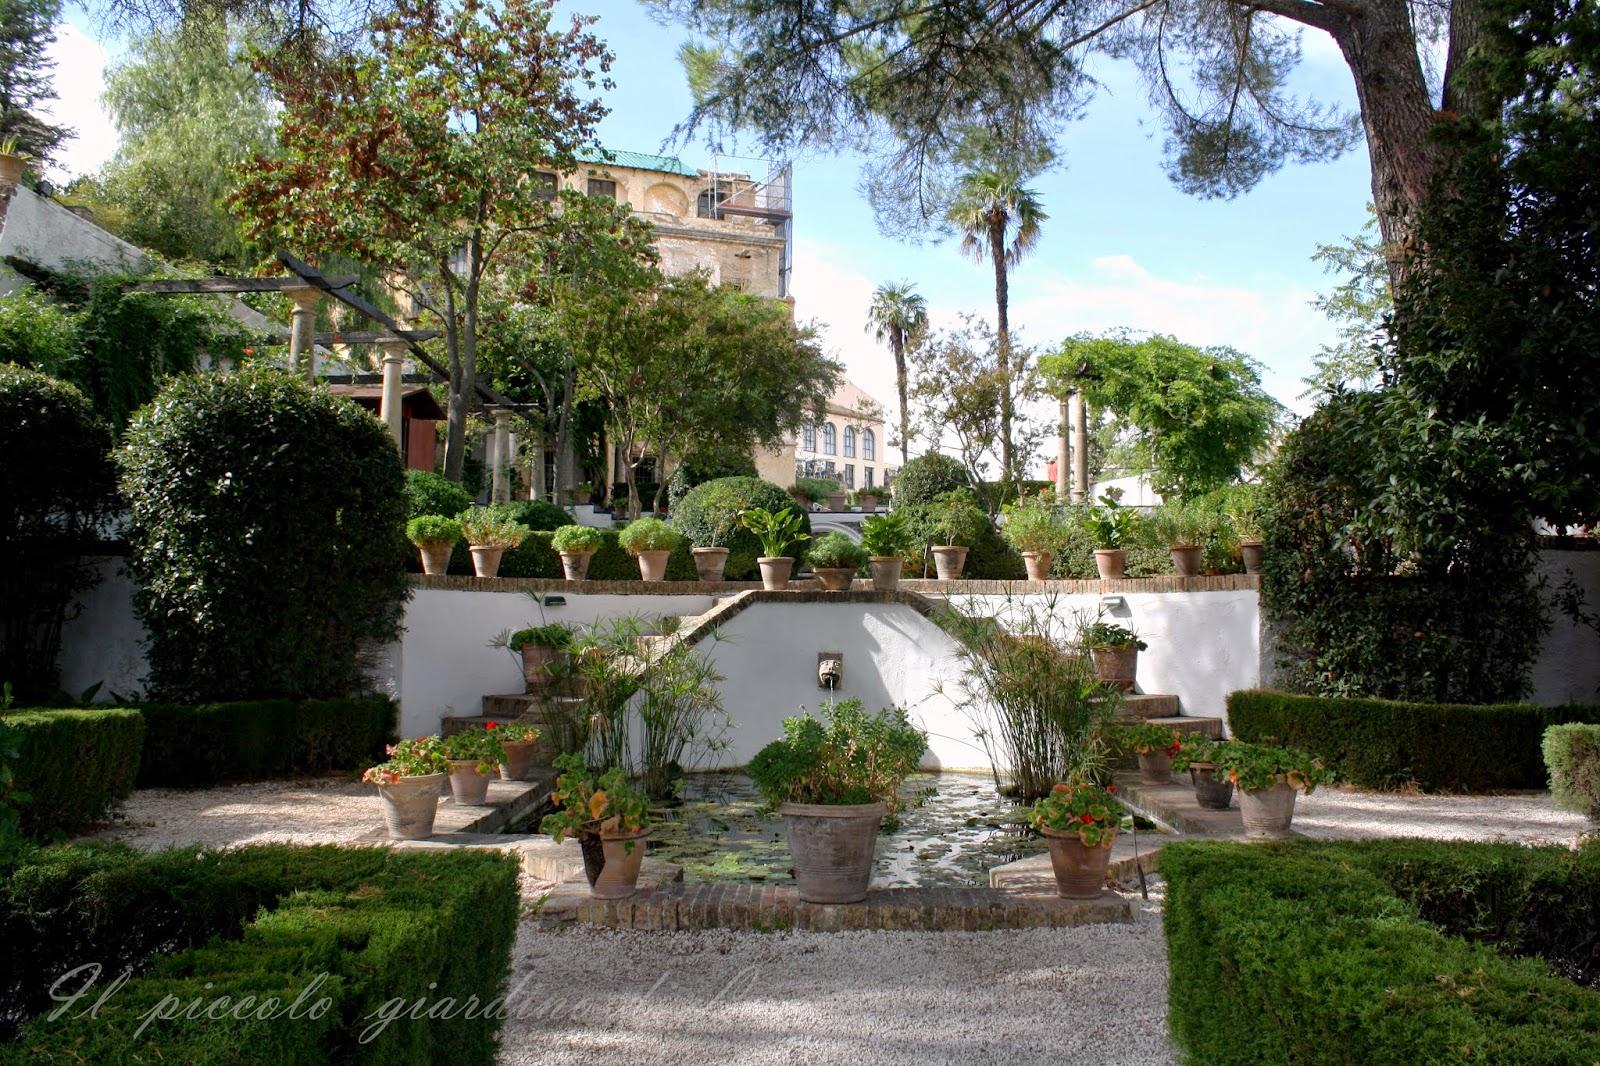 Il piccolo giardino di l giardini storici andalusi for Giardini pensili